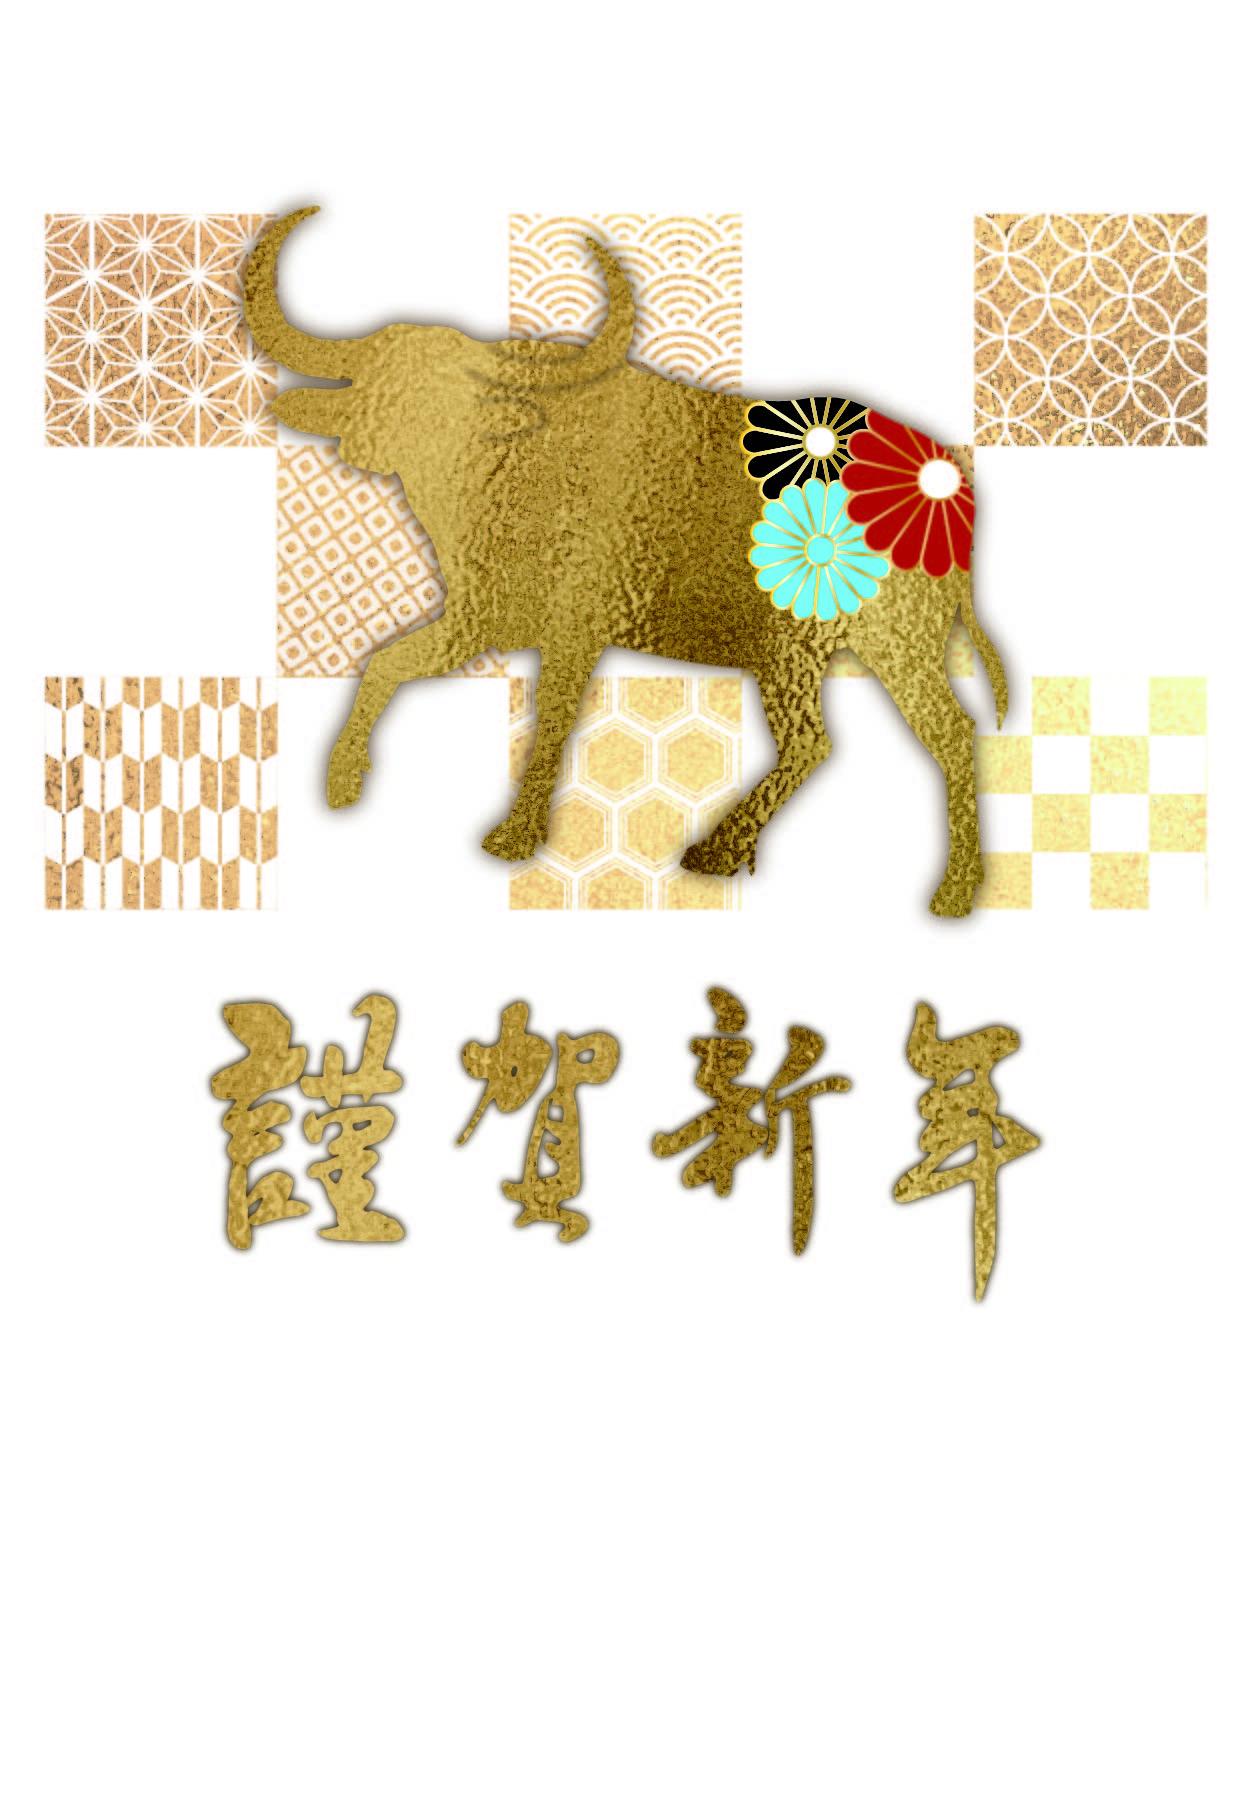 謹賀新年とゴールド牛の華やかな年賀状の無料テンプレート